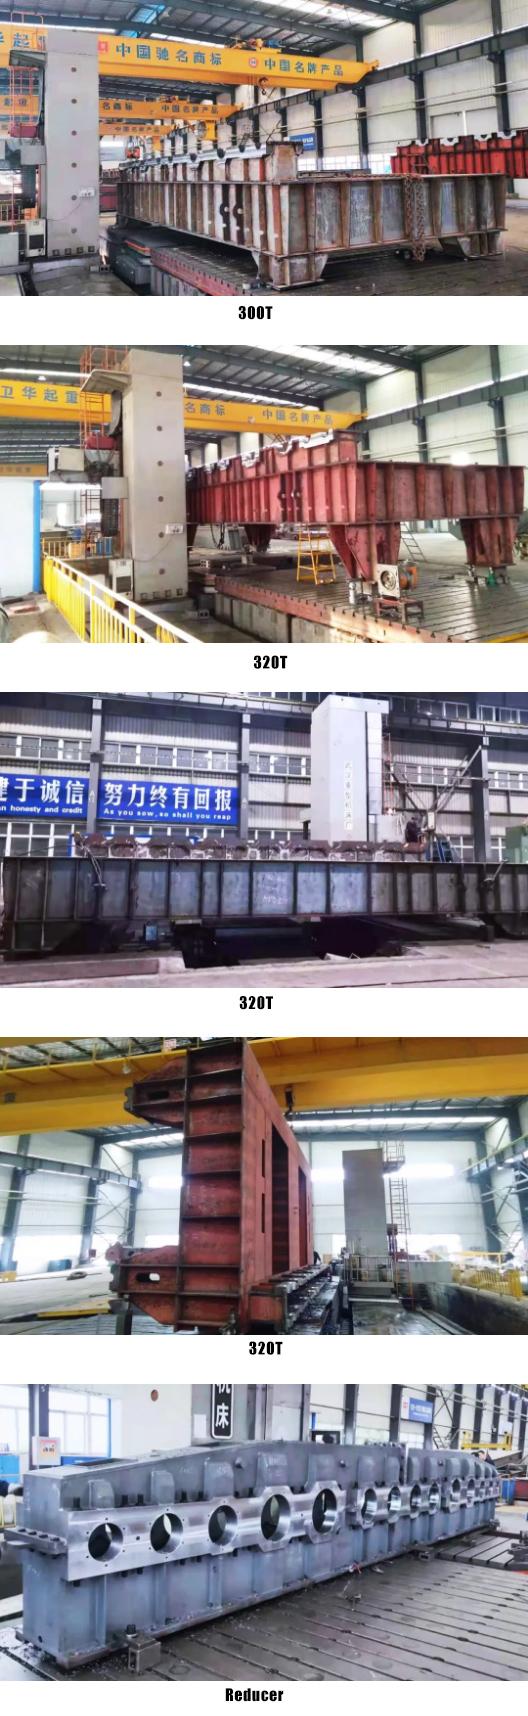 metallurgical-crane-trolley-reducer